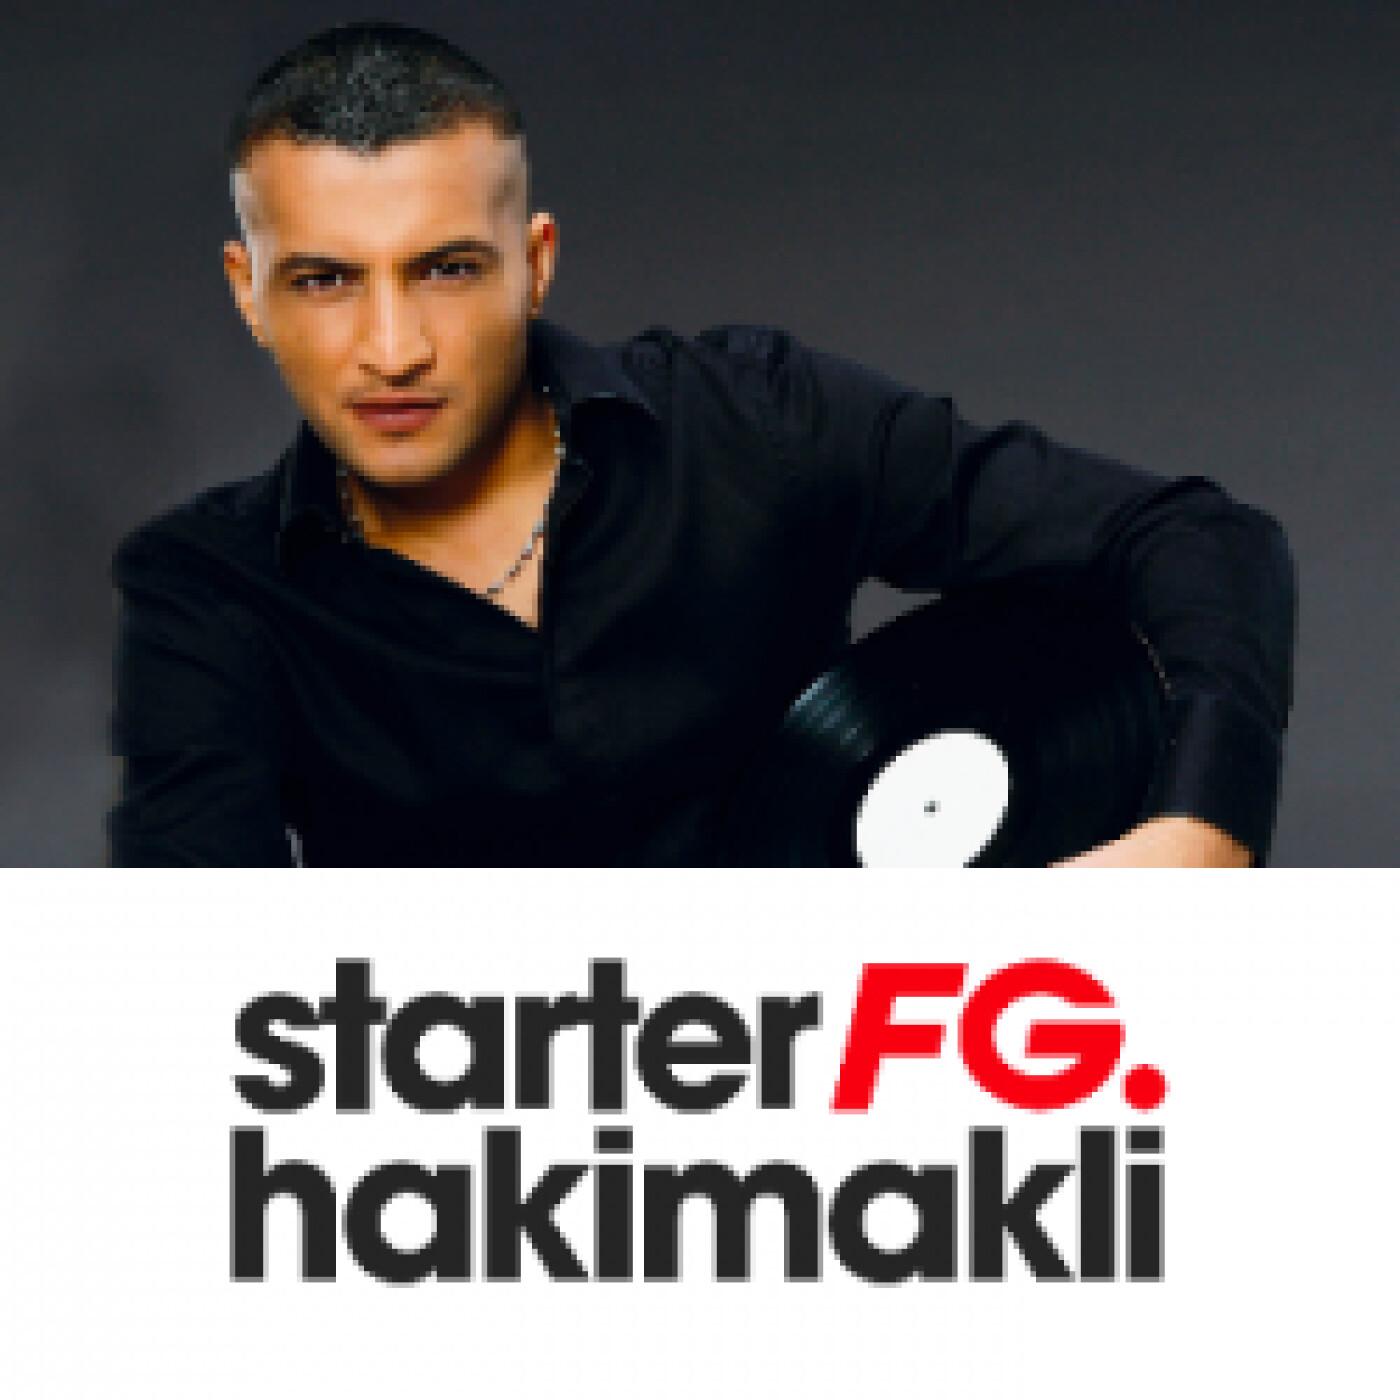 STARTER FG BY HAKIMAKLI LUNDI 10 MAI 2021